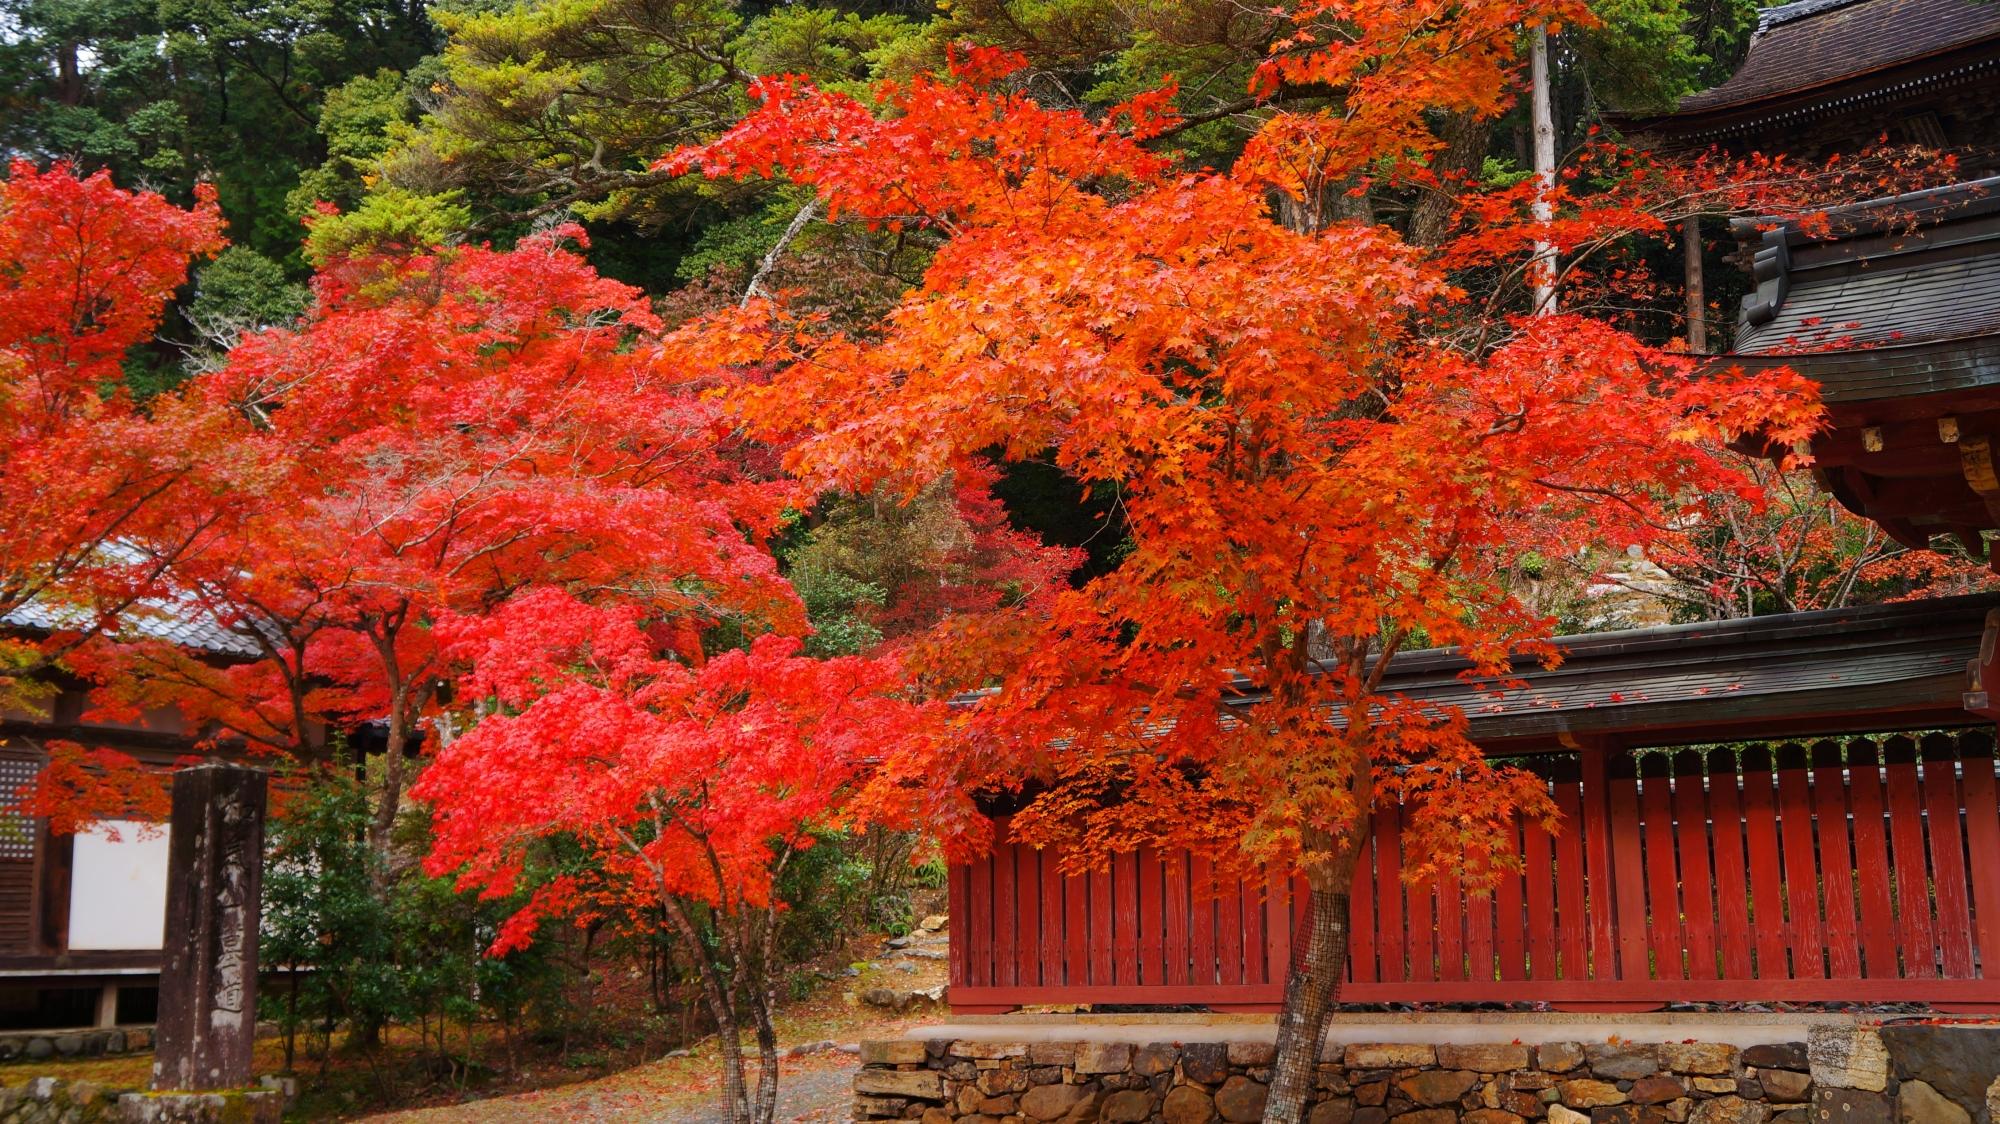 神護寺の色づくオレンジ系の紅葉